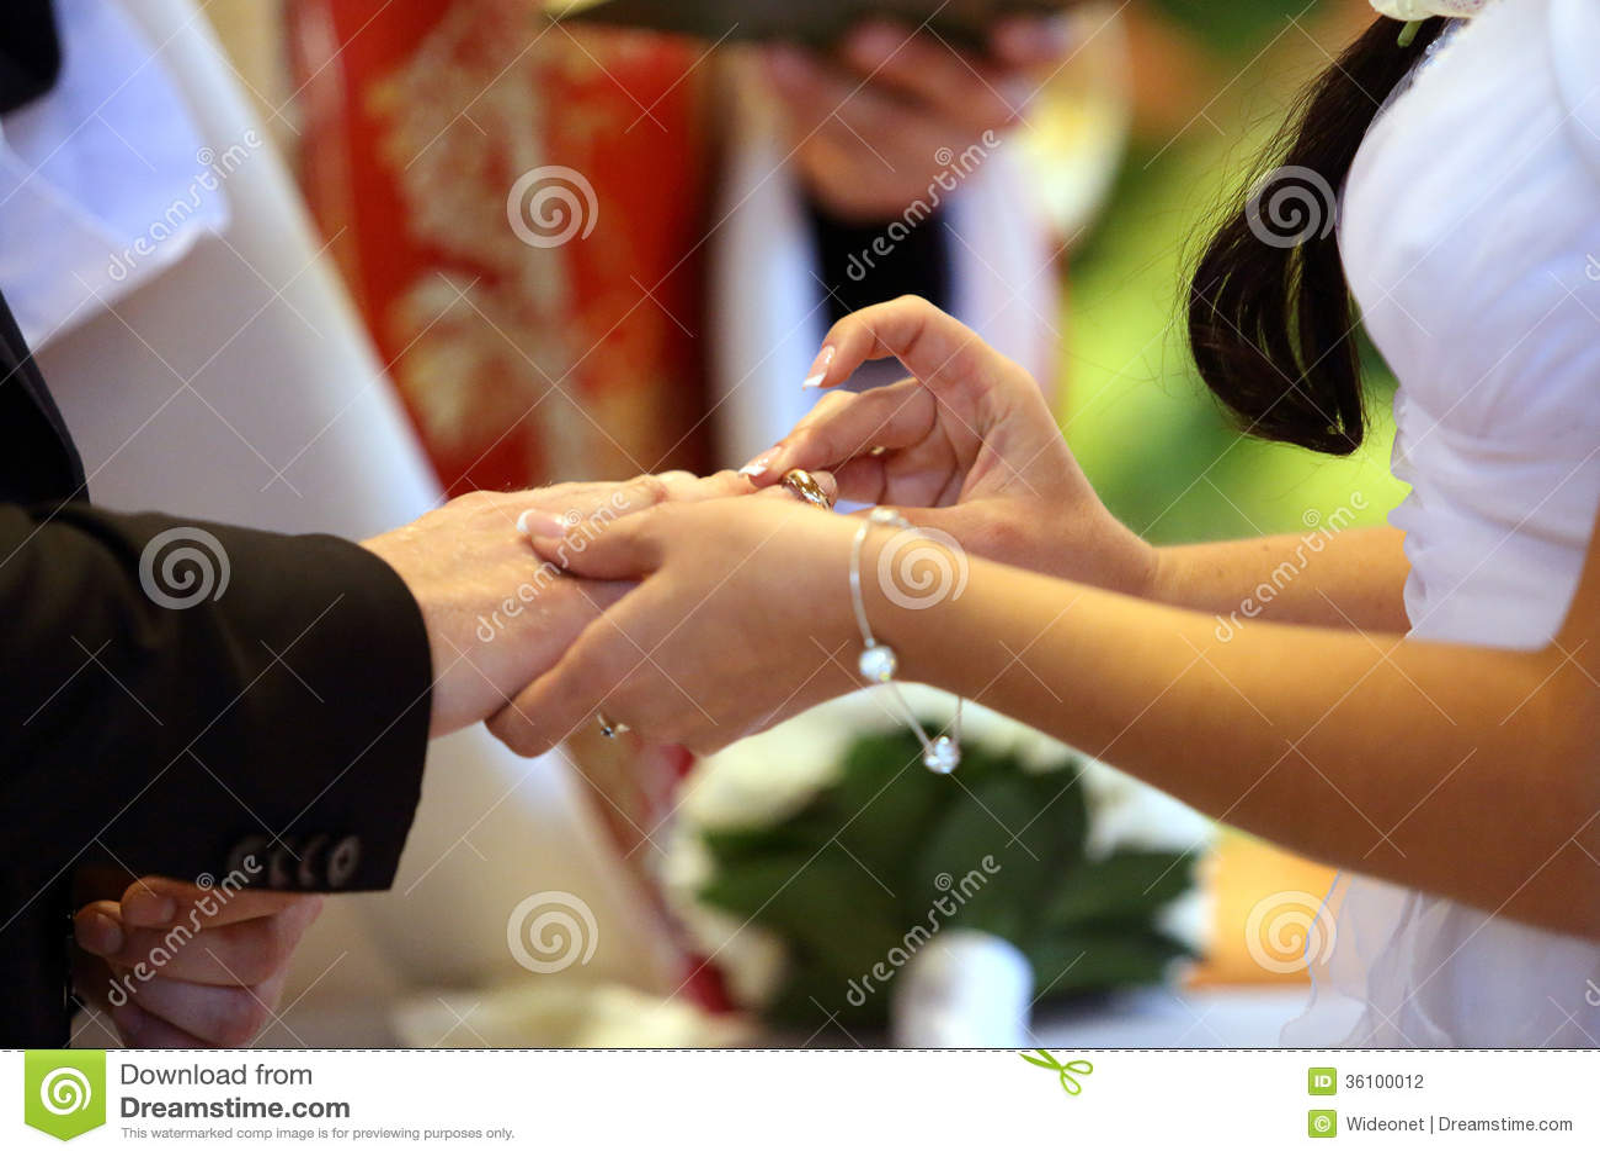 Catholic Wedding Ring 68 Luxury Catholic priest wedding ring